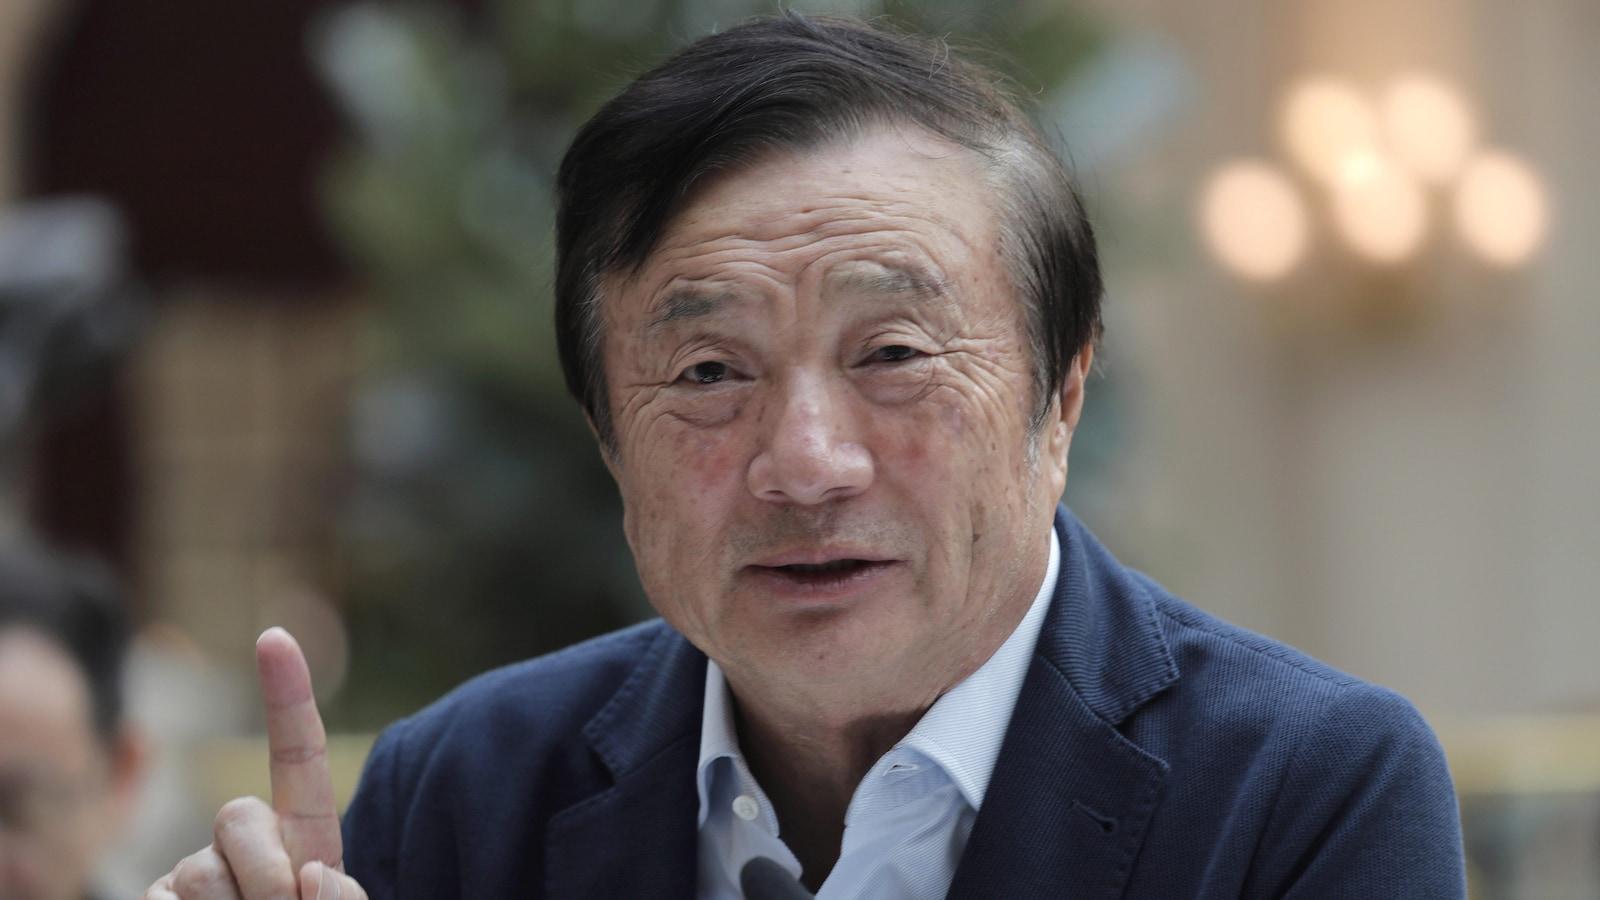 Ren Zhengfei, fondateur et PDG de Huawei, lors d'une table ronde avec les médias, le 15 janvier, à Shenzhen dans le sud de la Chine.